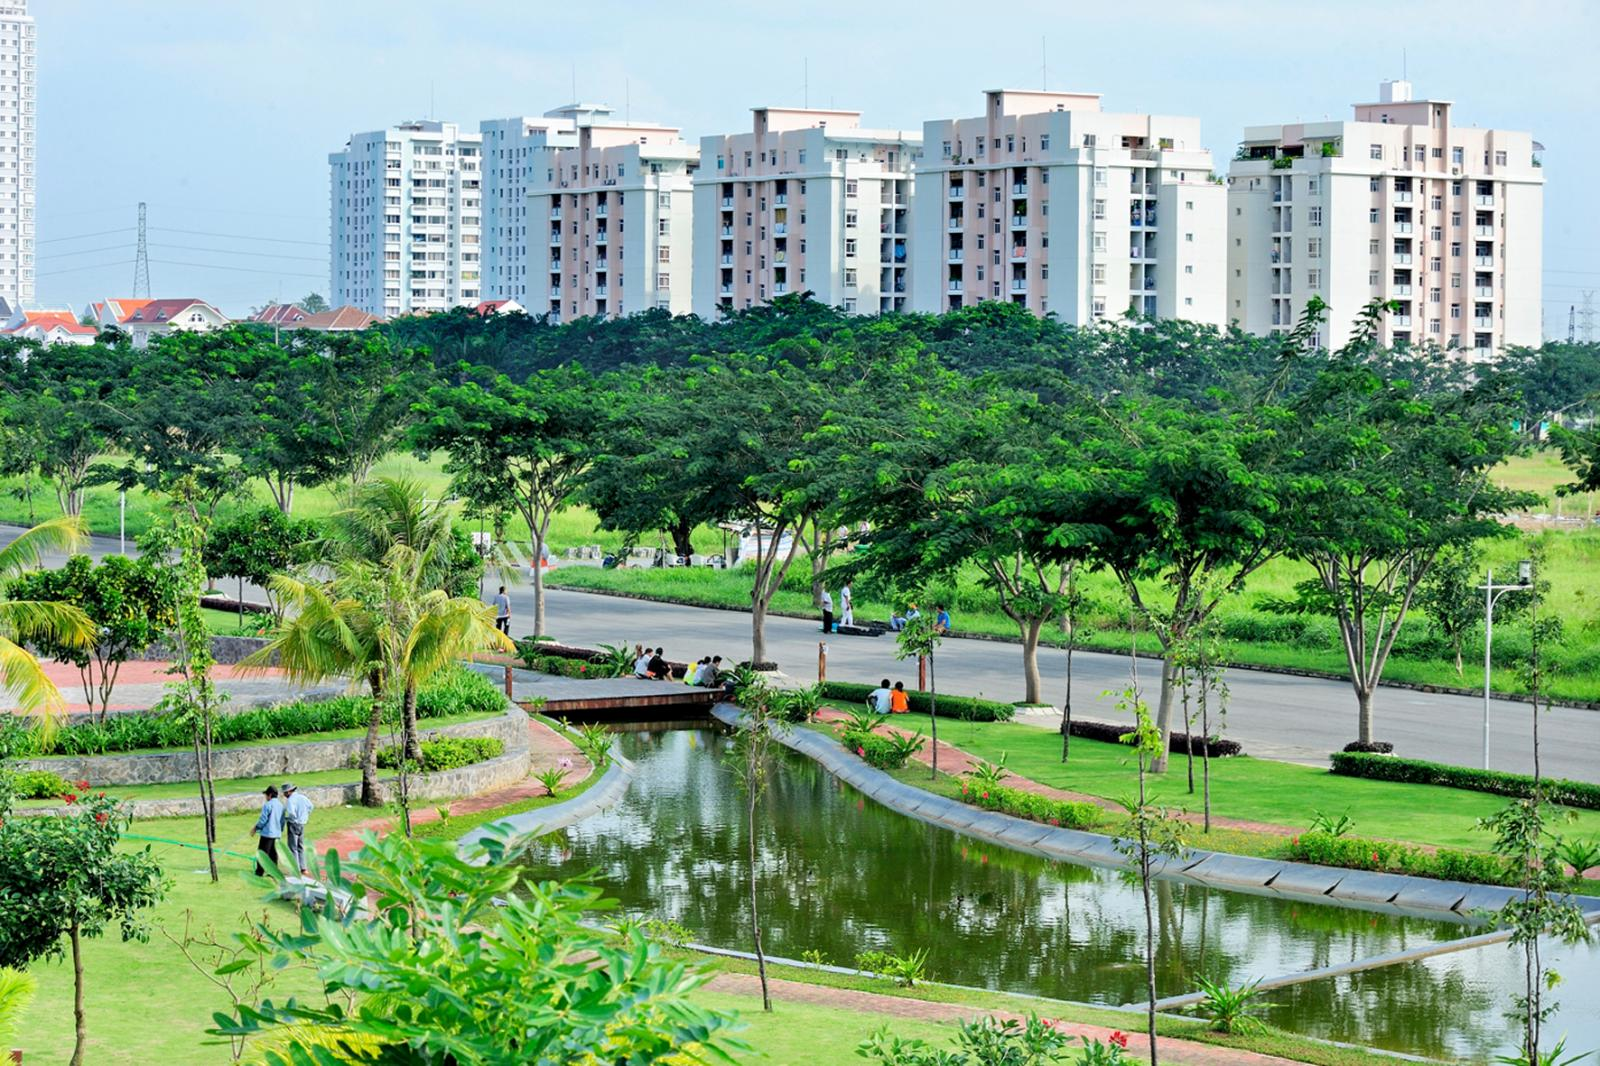 hình ảnh một dự án bất động sản xanh